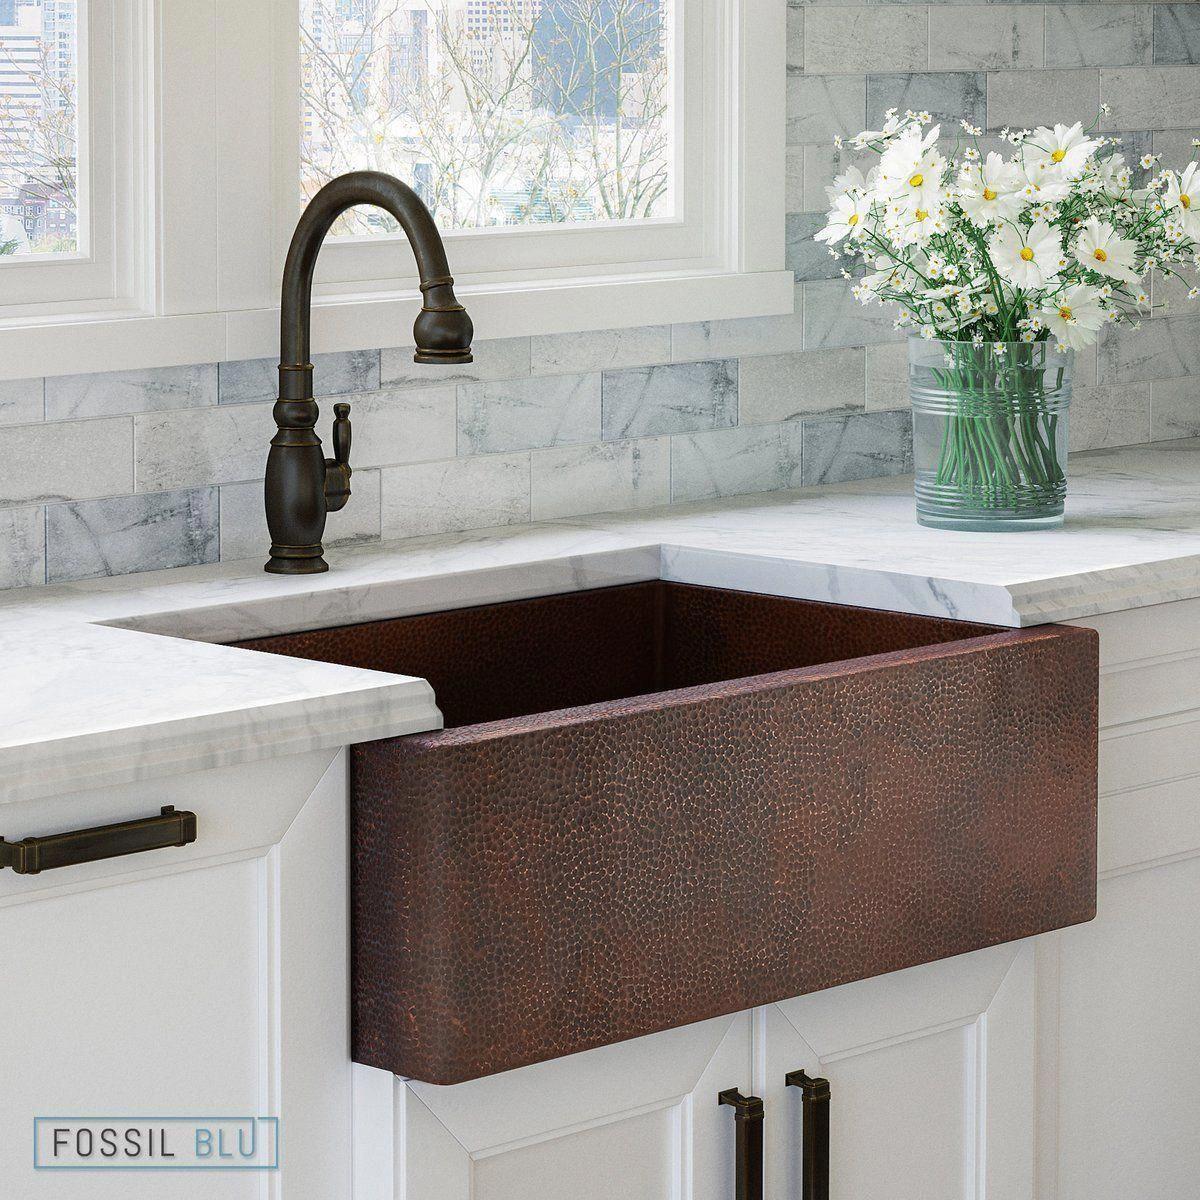 Fsw1100 Luxury 33 Inch Pure Hammered Copper Farmhouse Kitchen Sink Single Bowl Wit Copper Kitchen Sink Farmhouse Copper Farmhouse Sinks Farmhouse Sink Kitchen